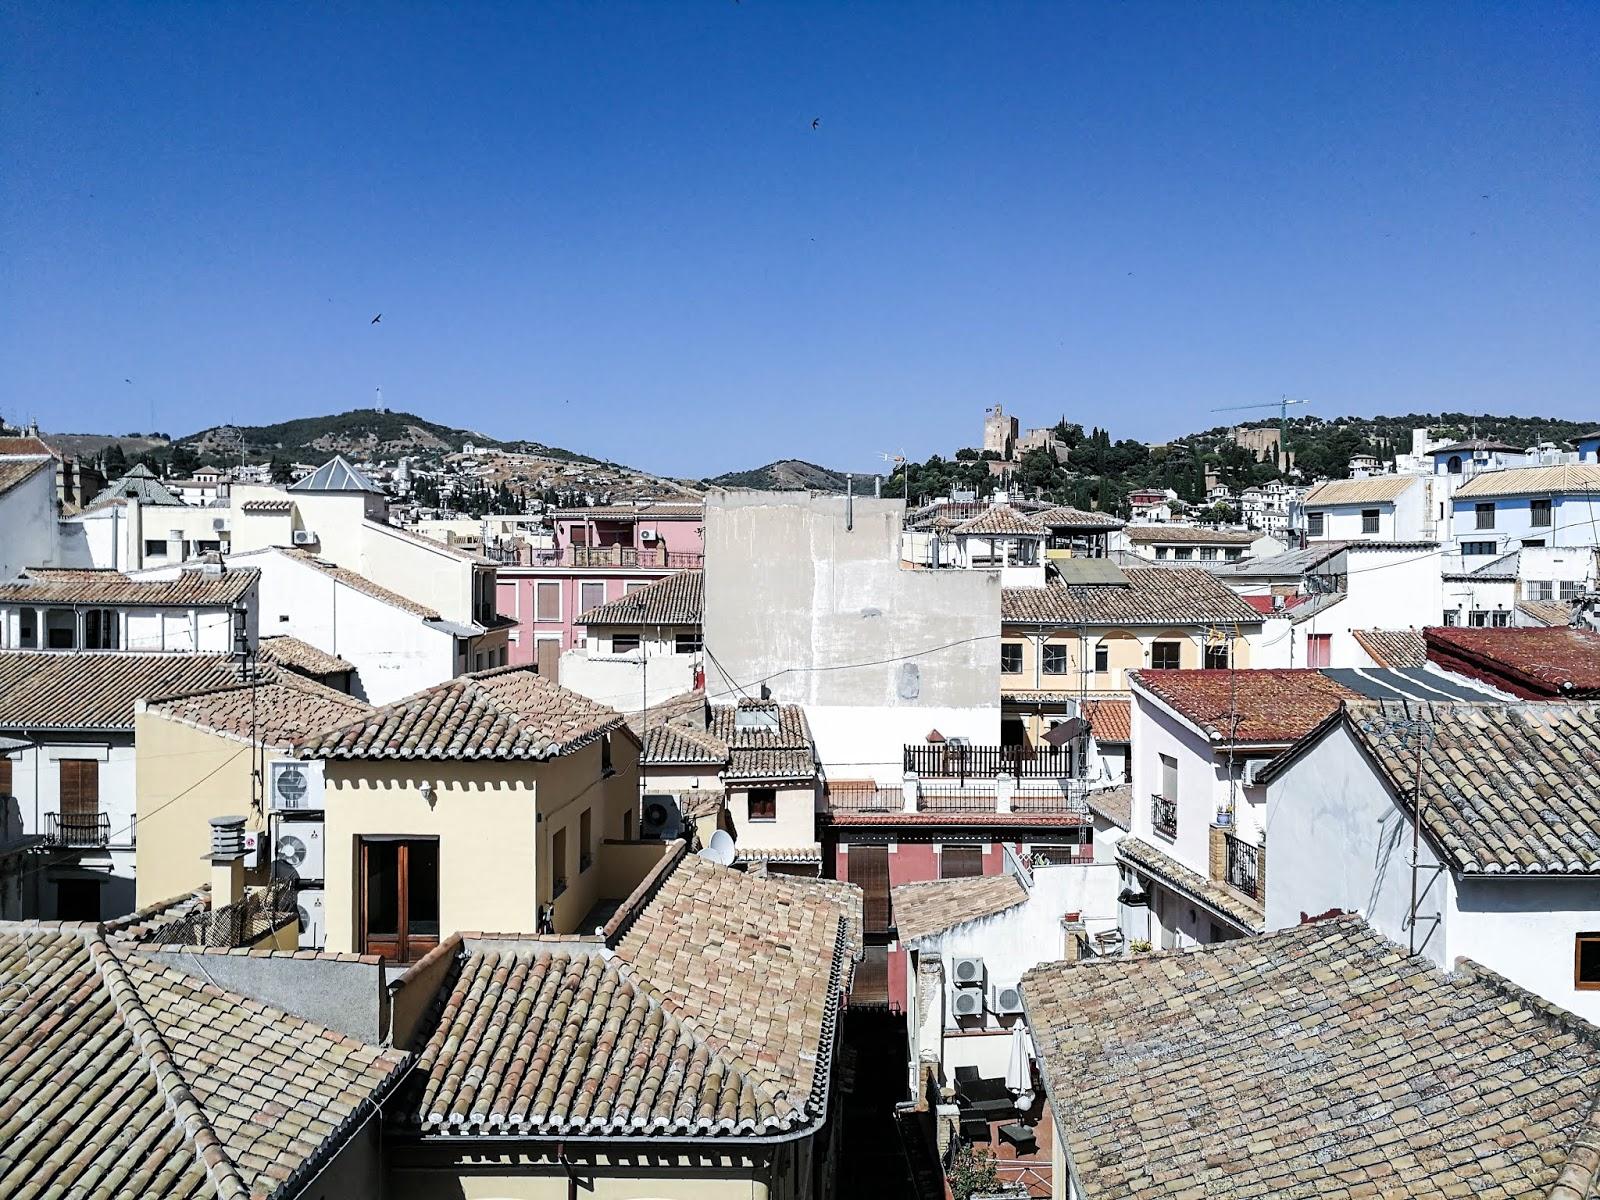 Spain, Espanja, Andalusia, Malaga, Granada, Nerja